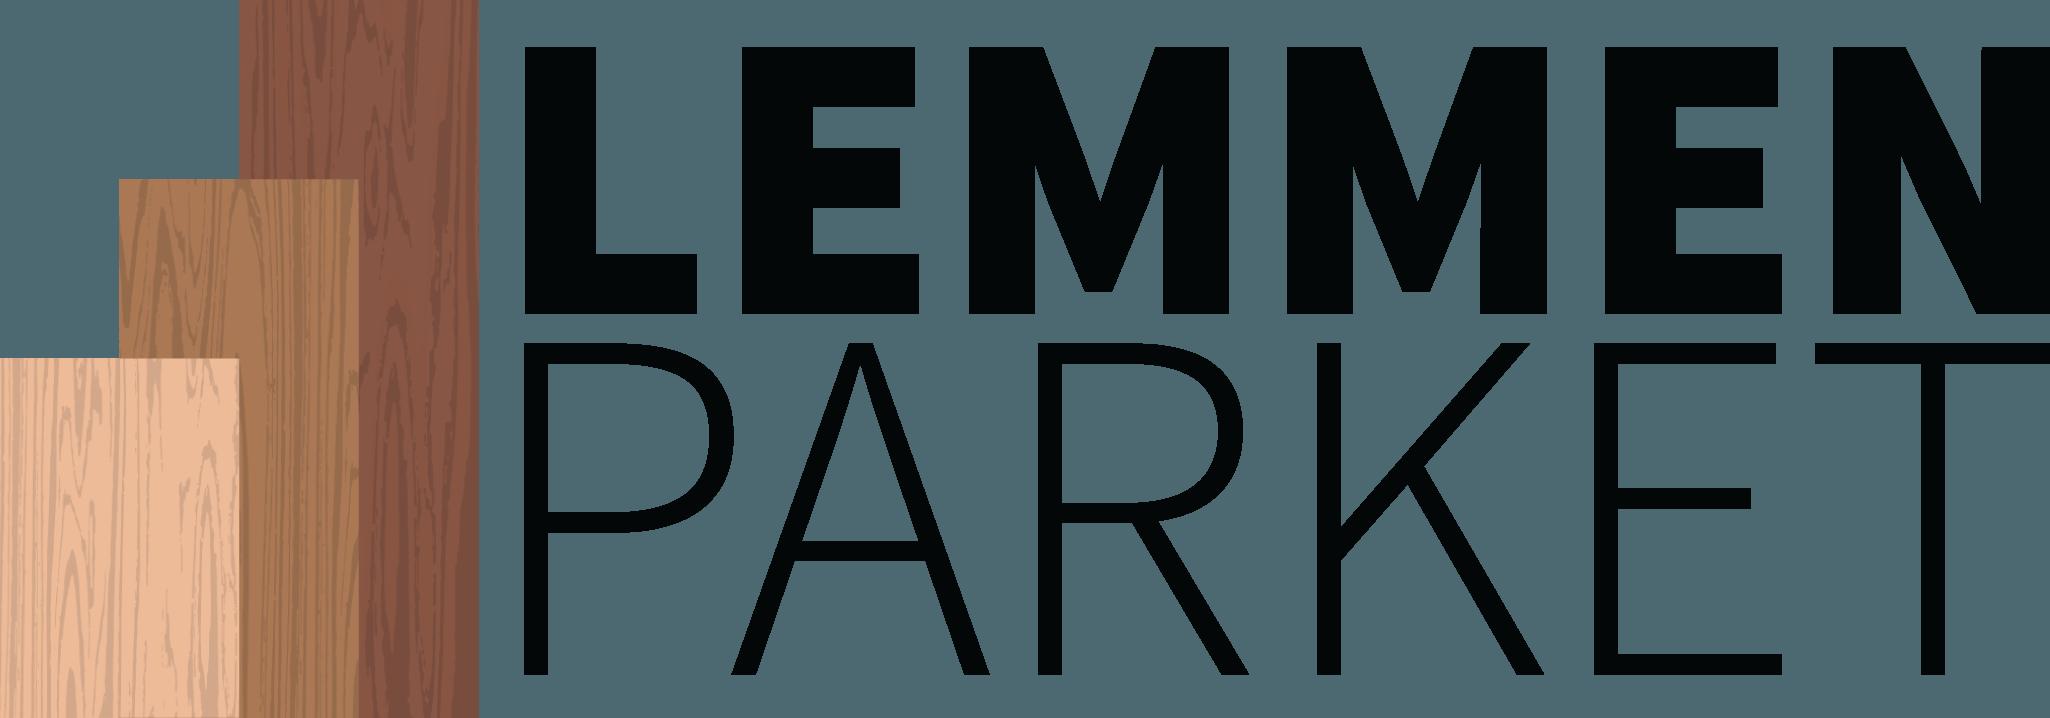 Lemmen Parket Logo